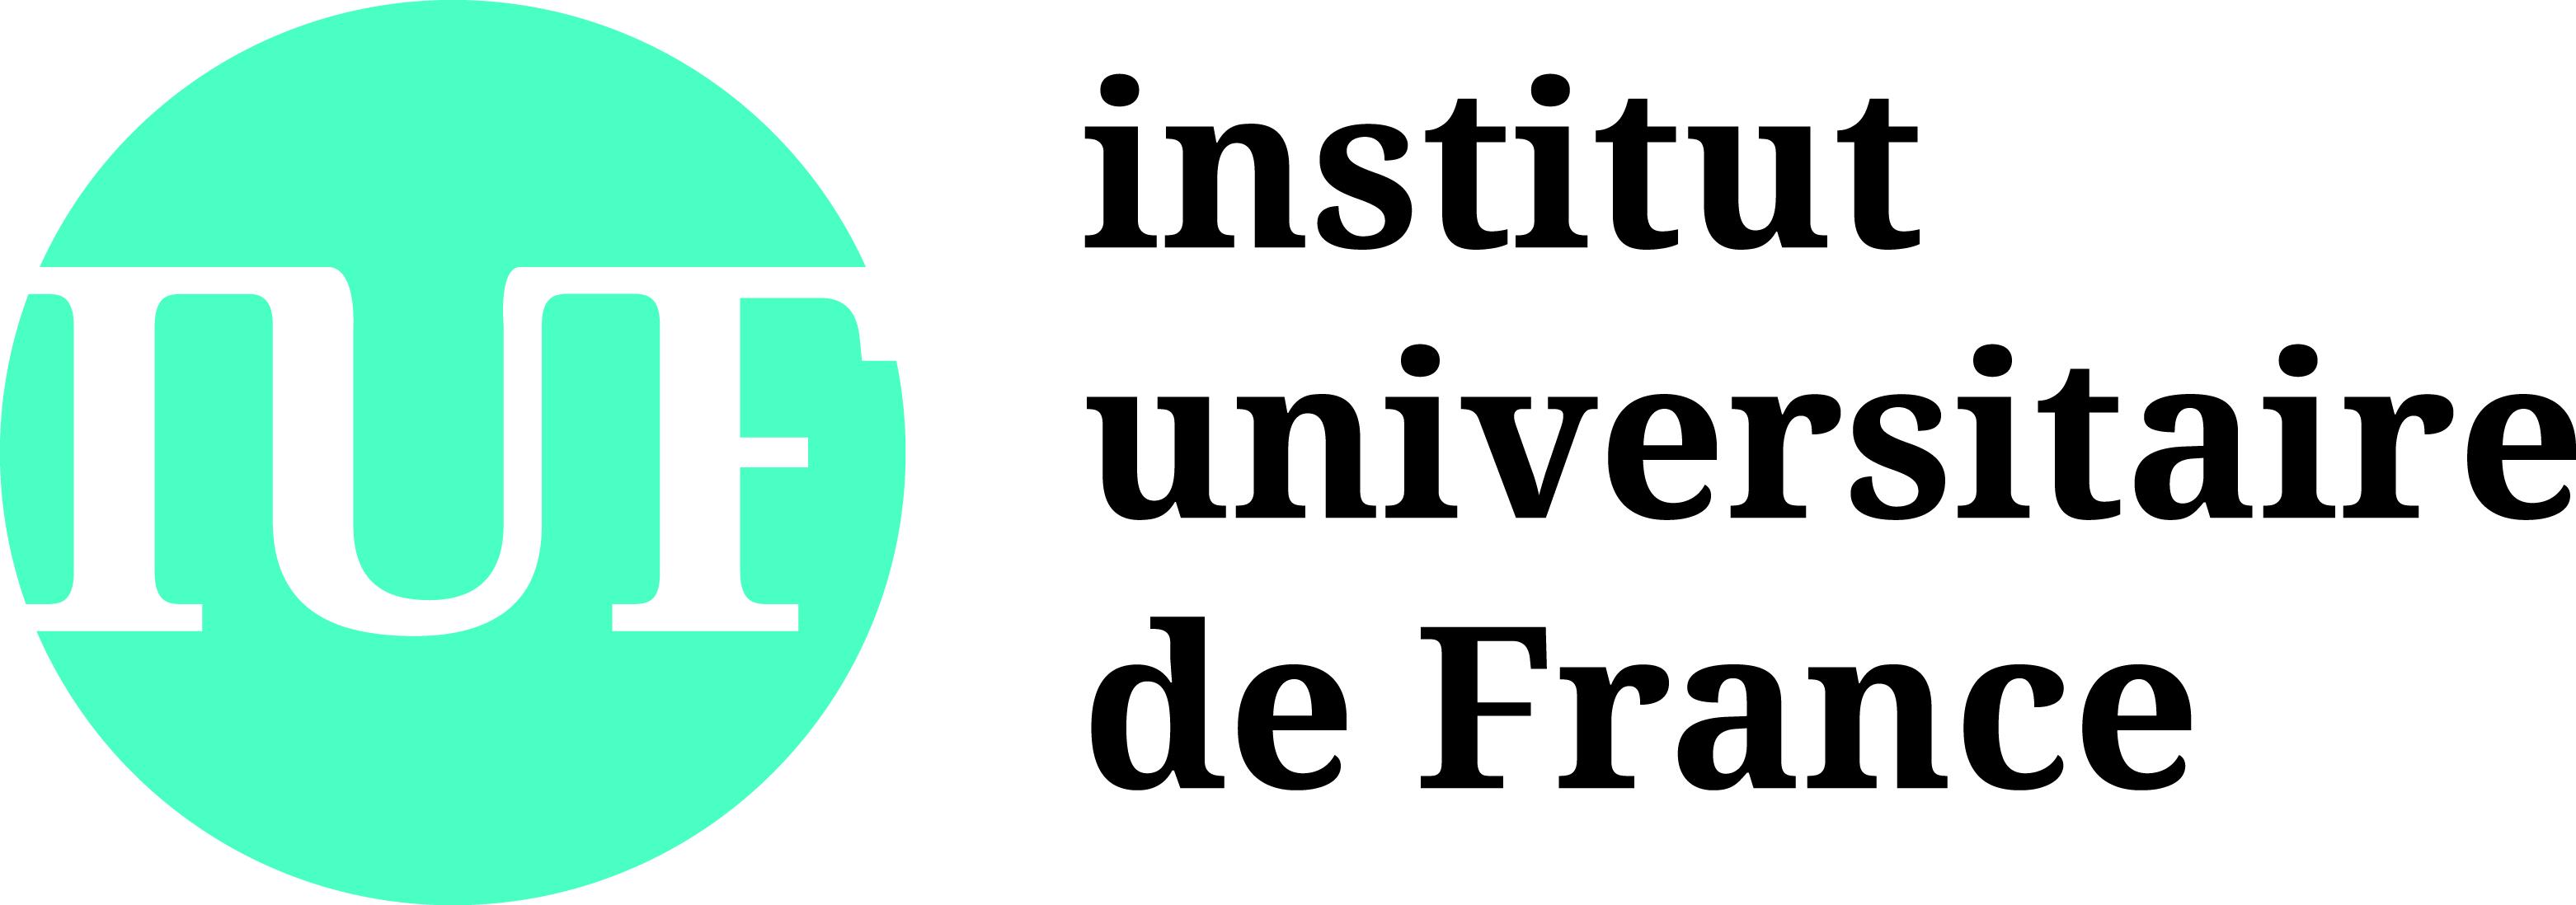 IUF - Institut Universitaire de France